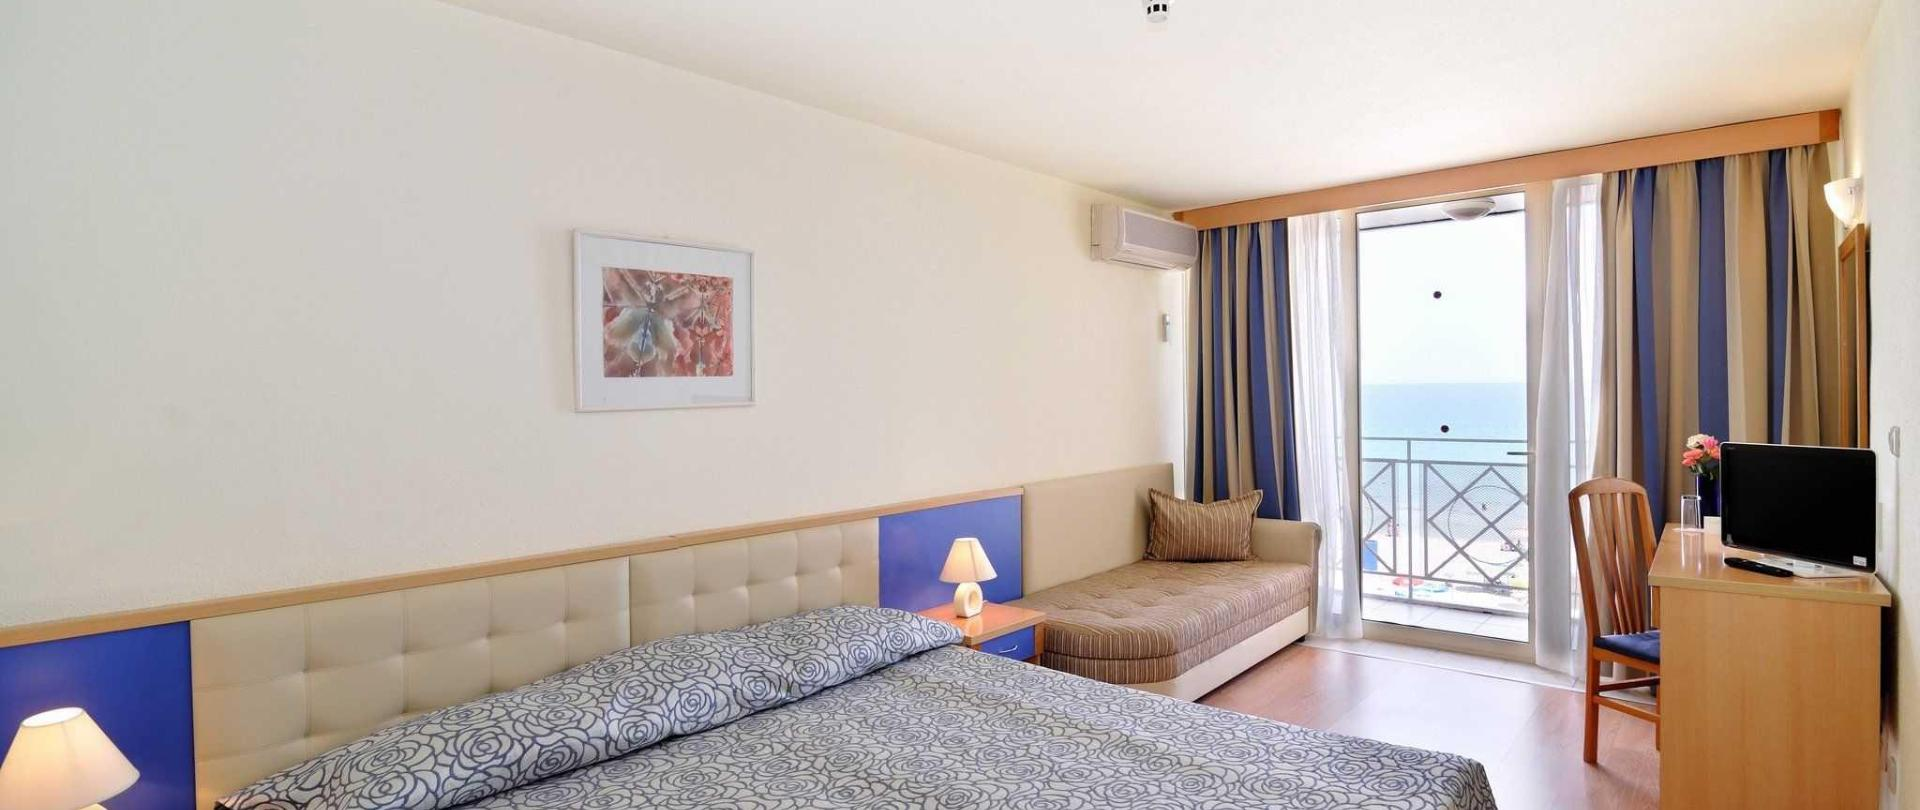 mura-room.jpg